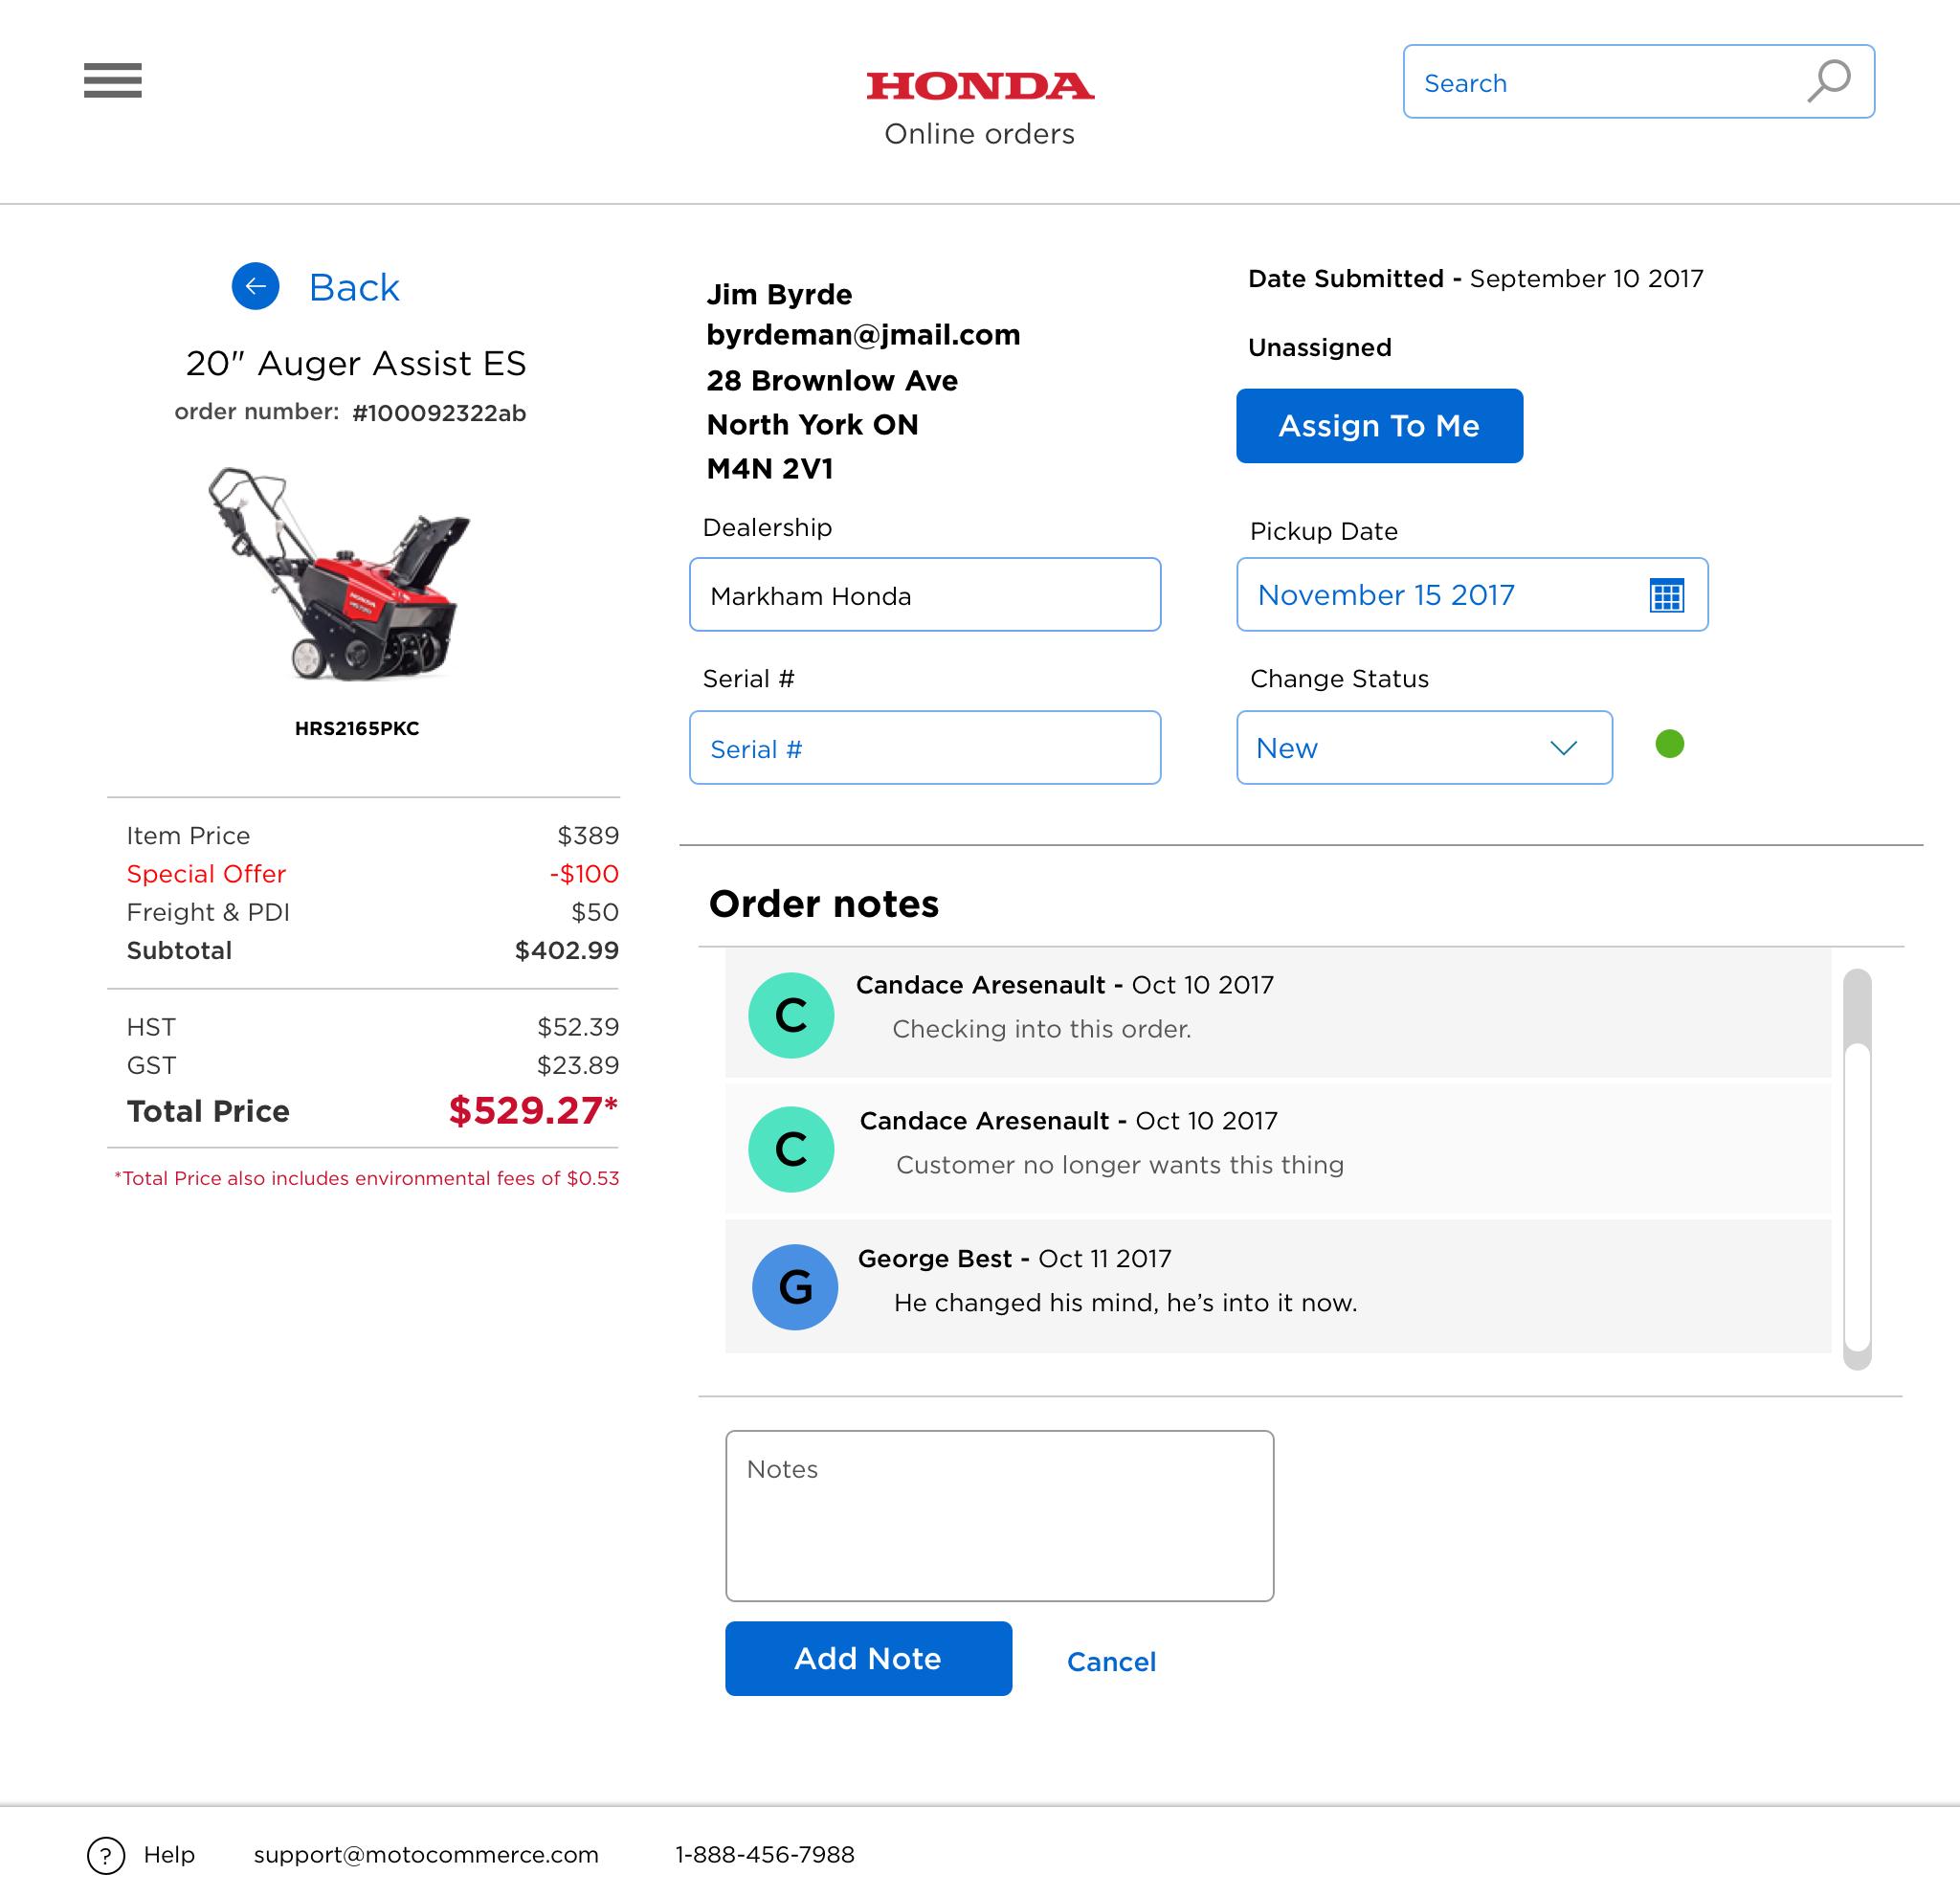 honda-order details.png